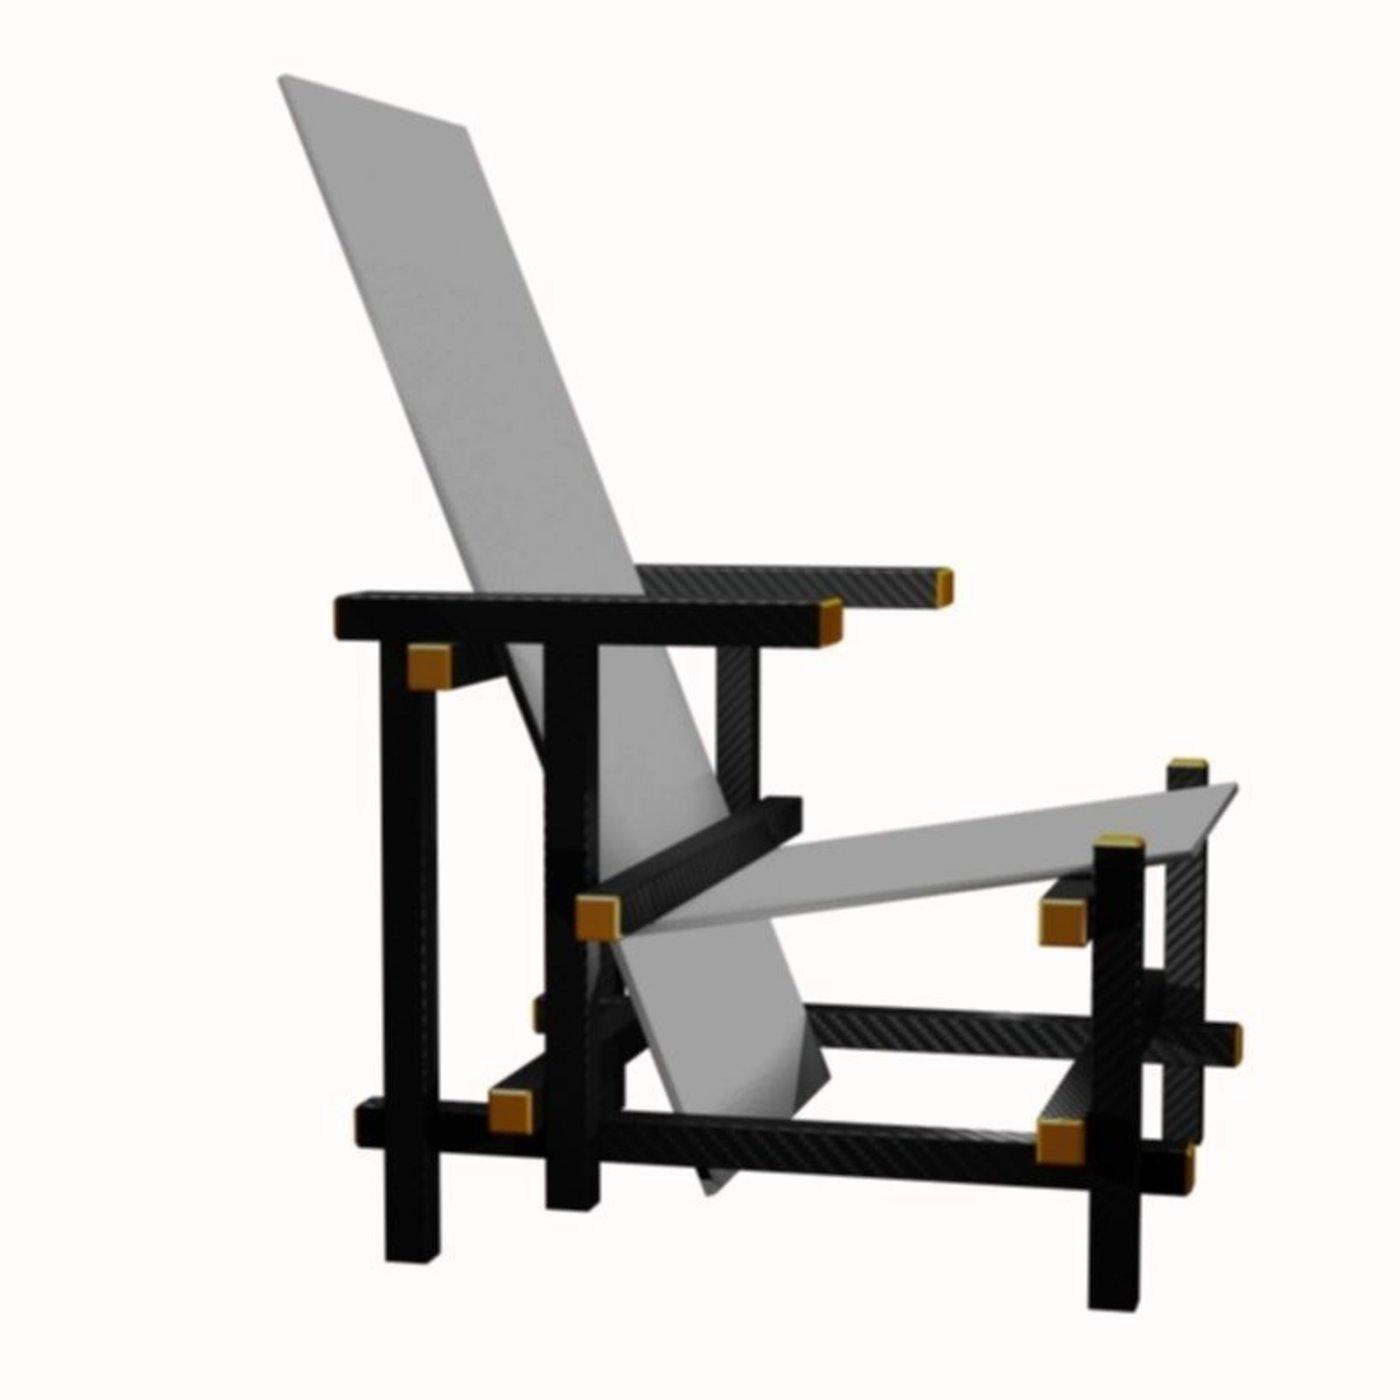 the Piet Mondrian chair in white